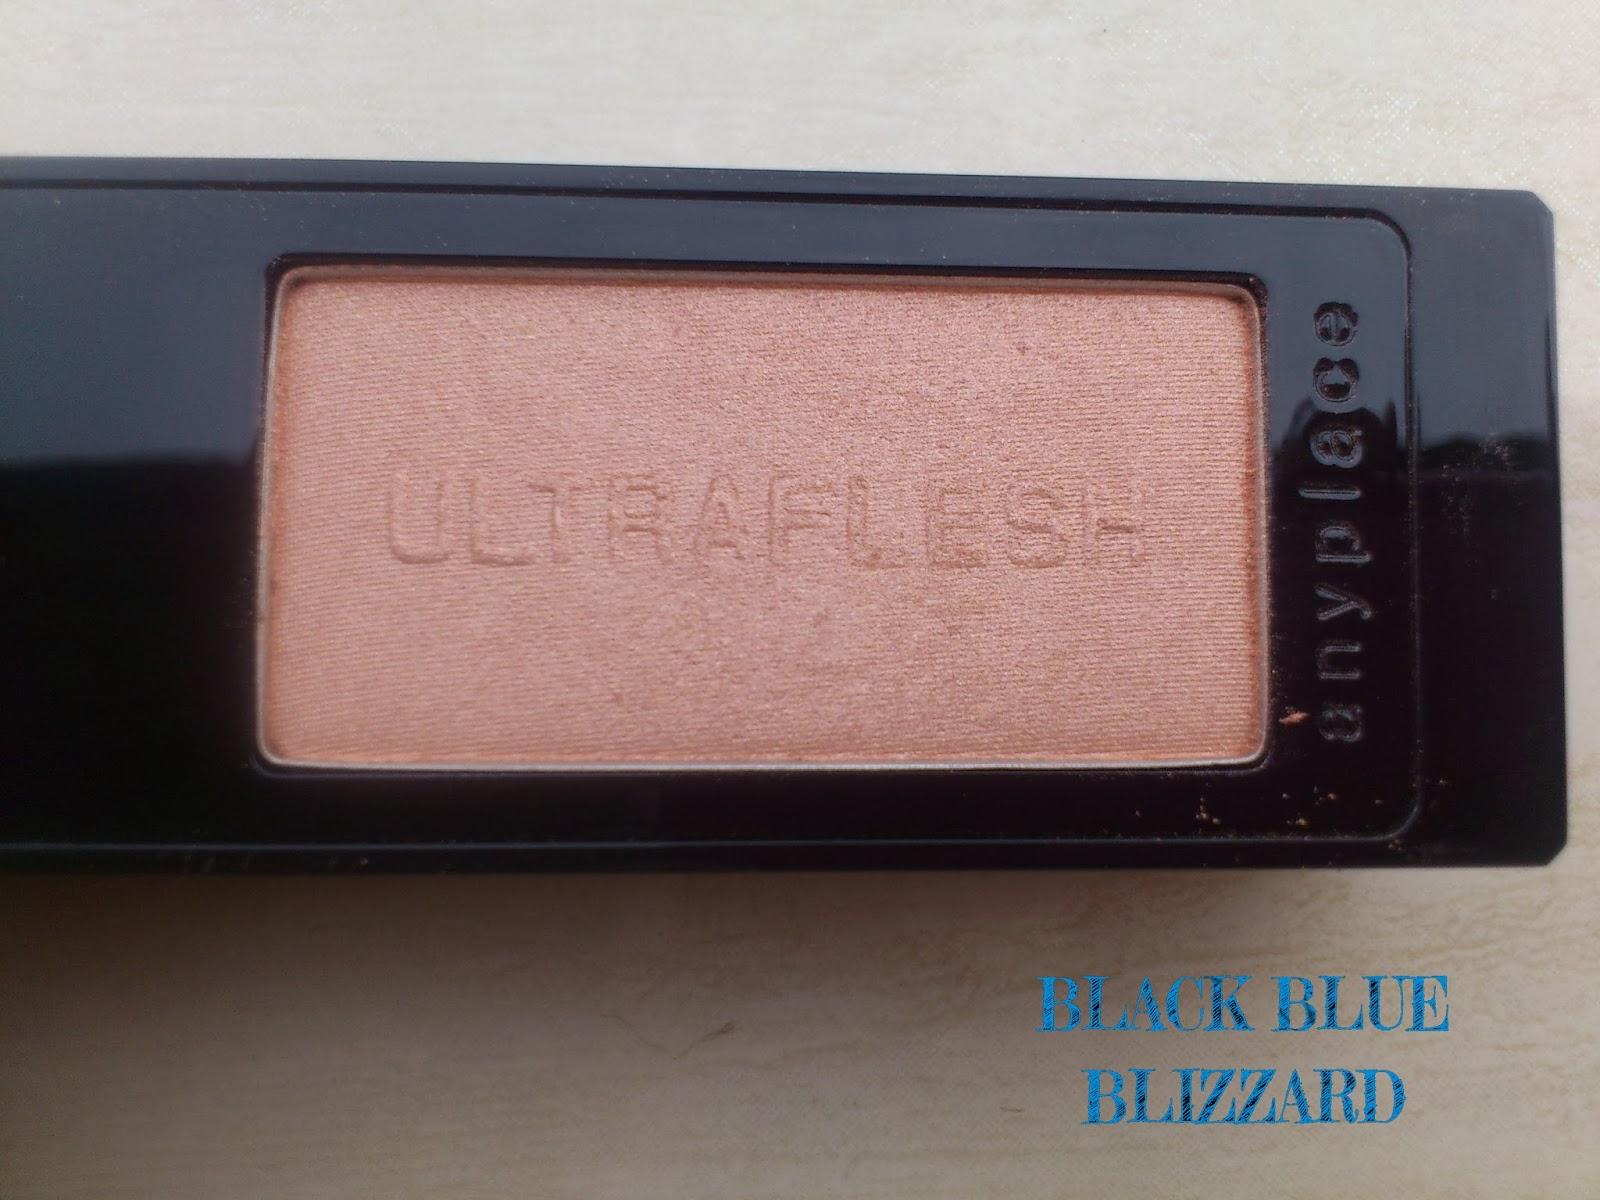 ultraflesh, ultraflesh shinebox, higlighter, shimmer, enhancer, review blogger, strawberyNET